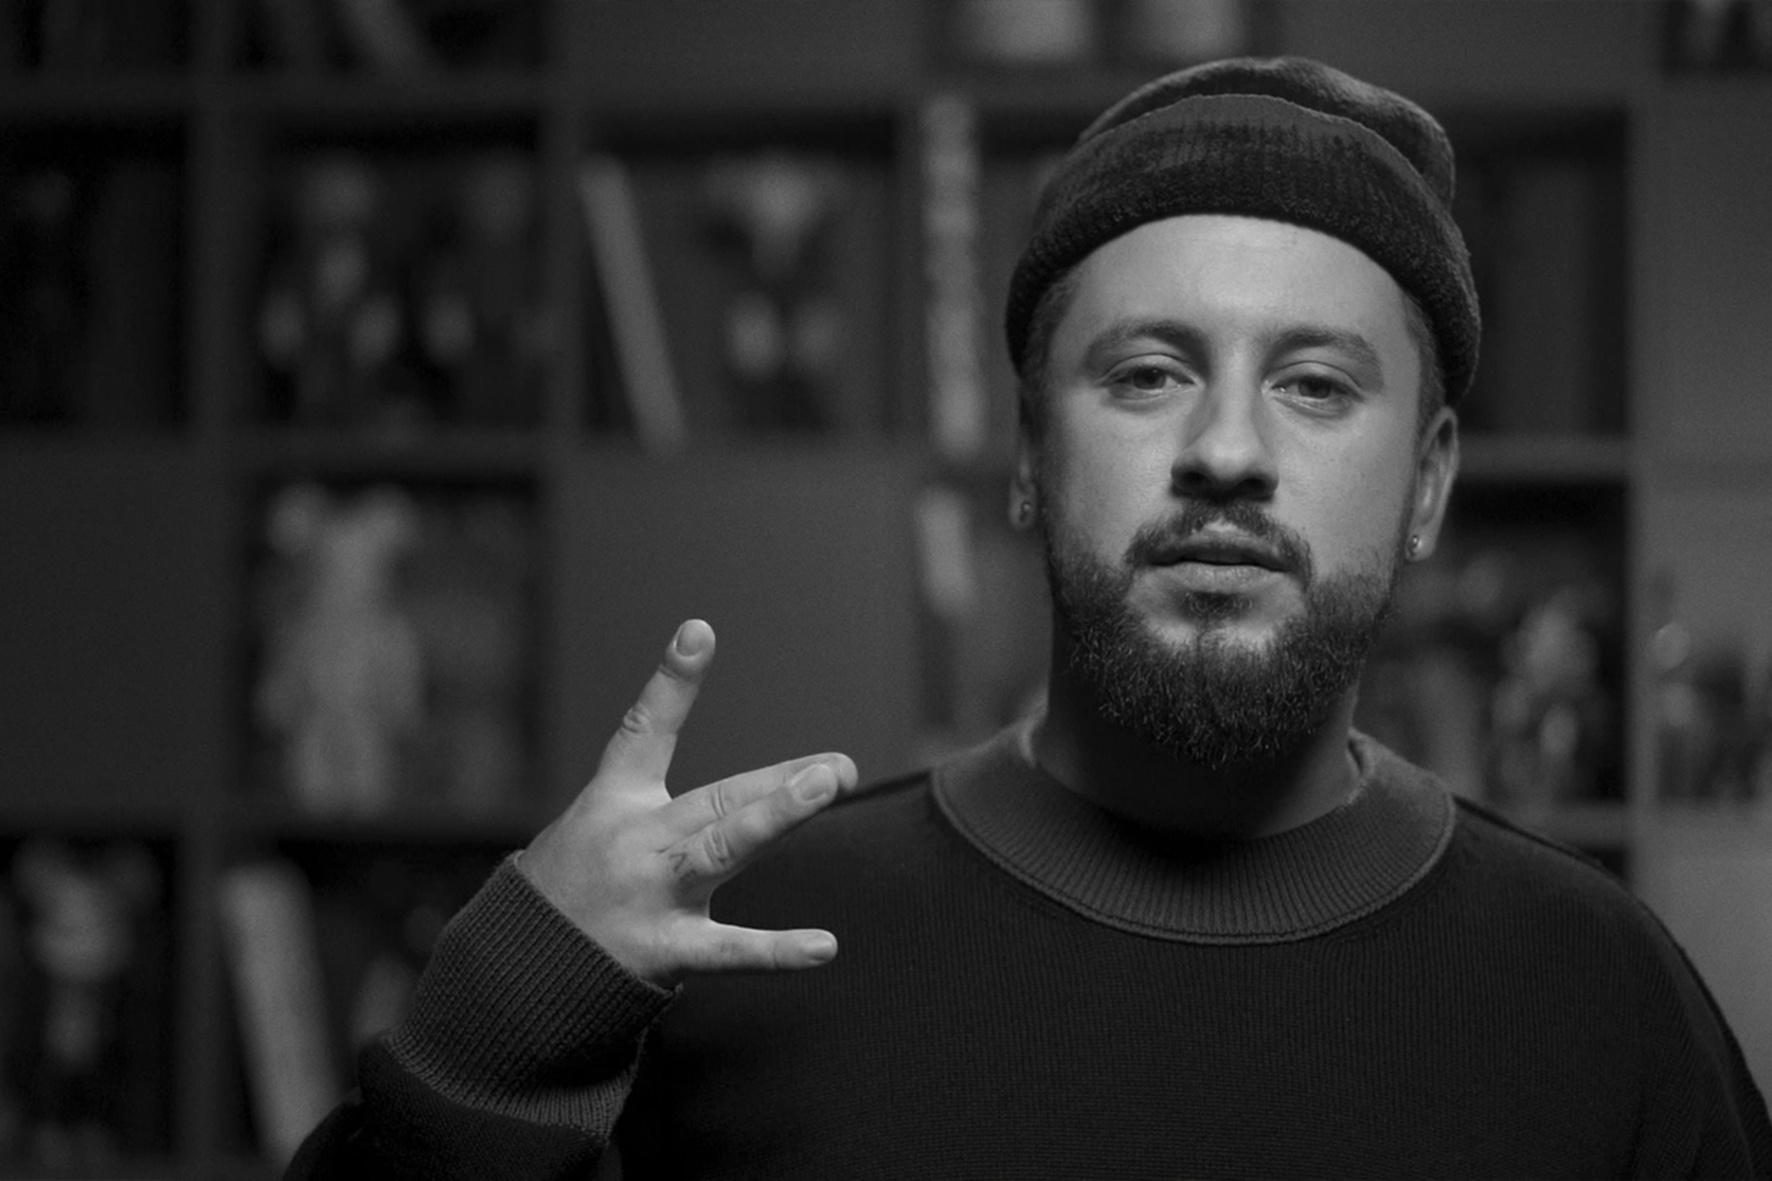 премьера новой серии документального сериала об украинской культуре СПАЛАХ